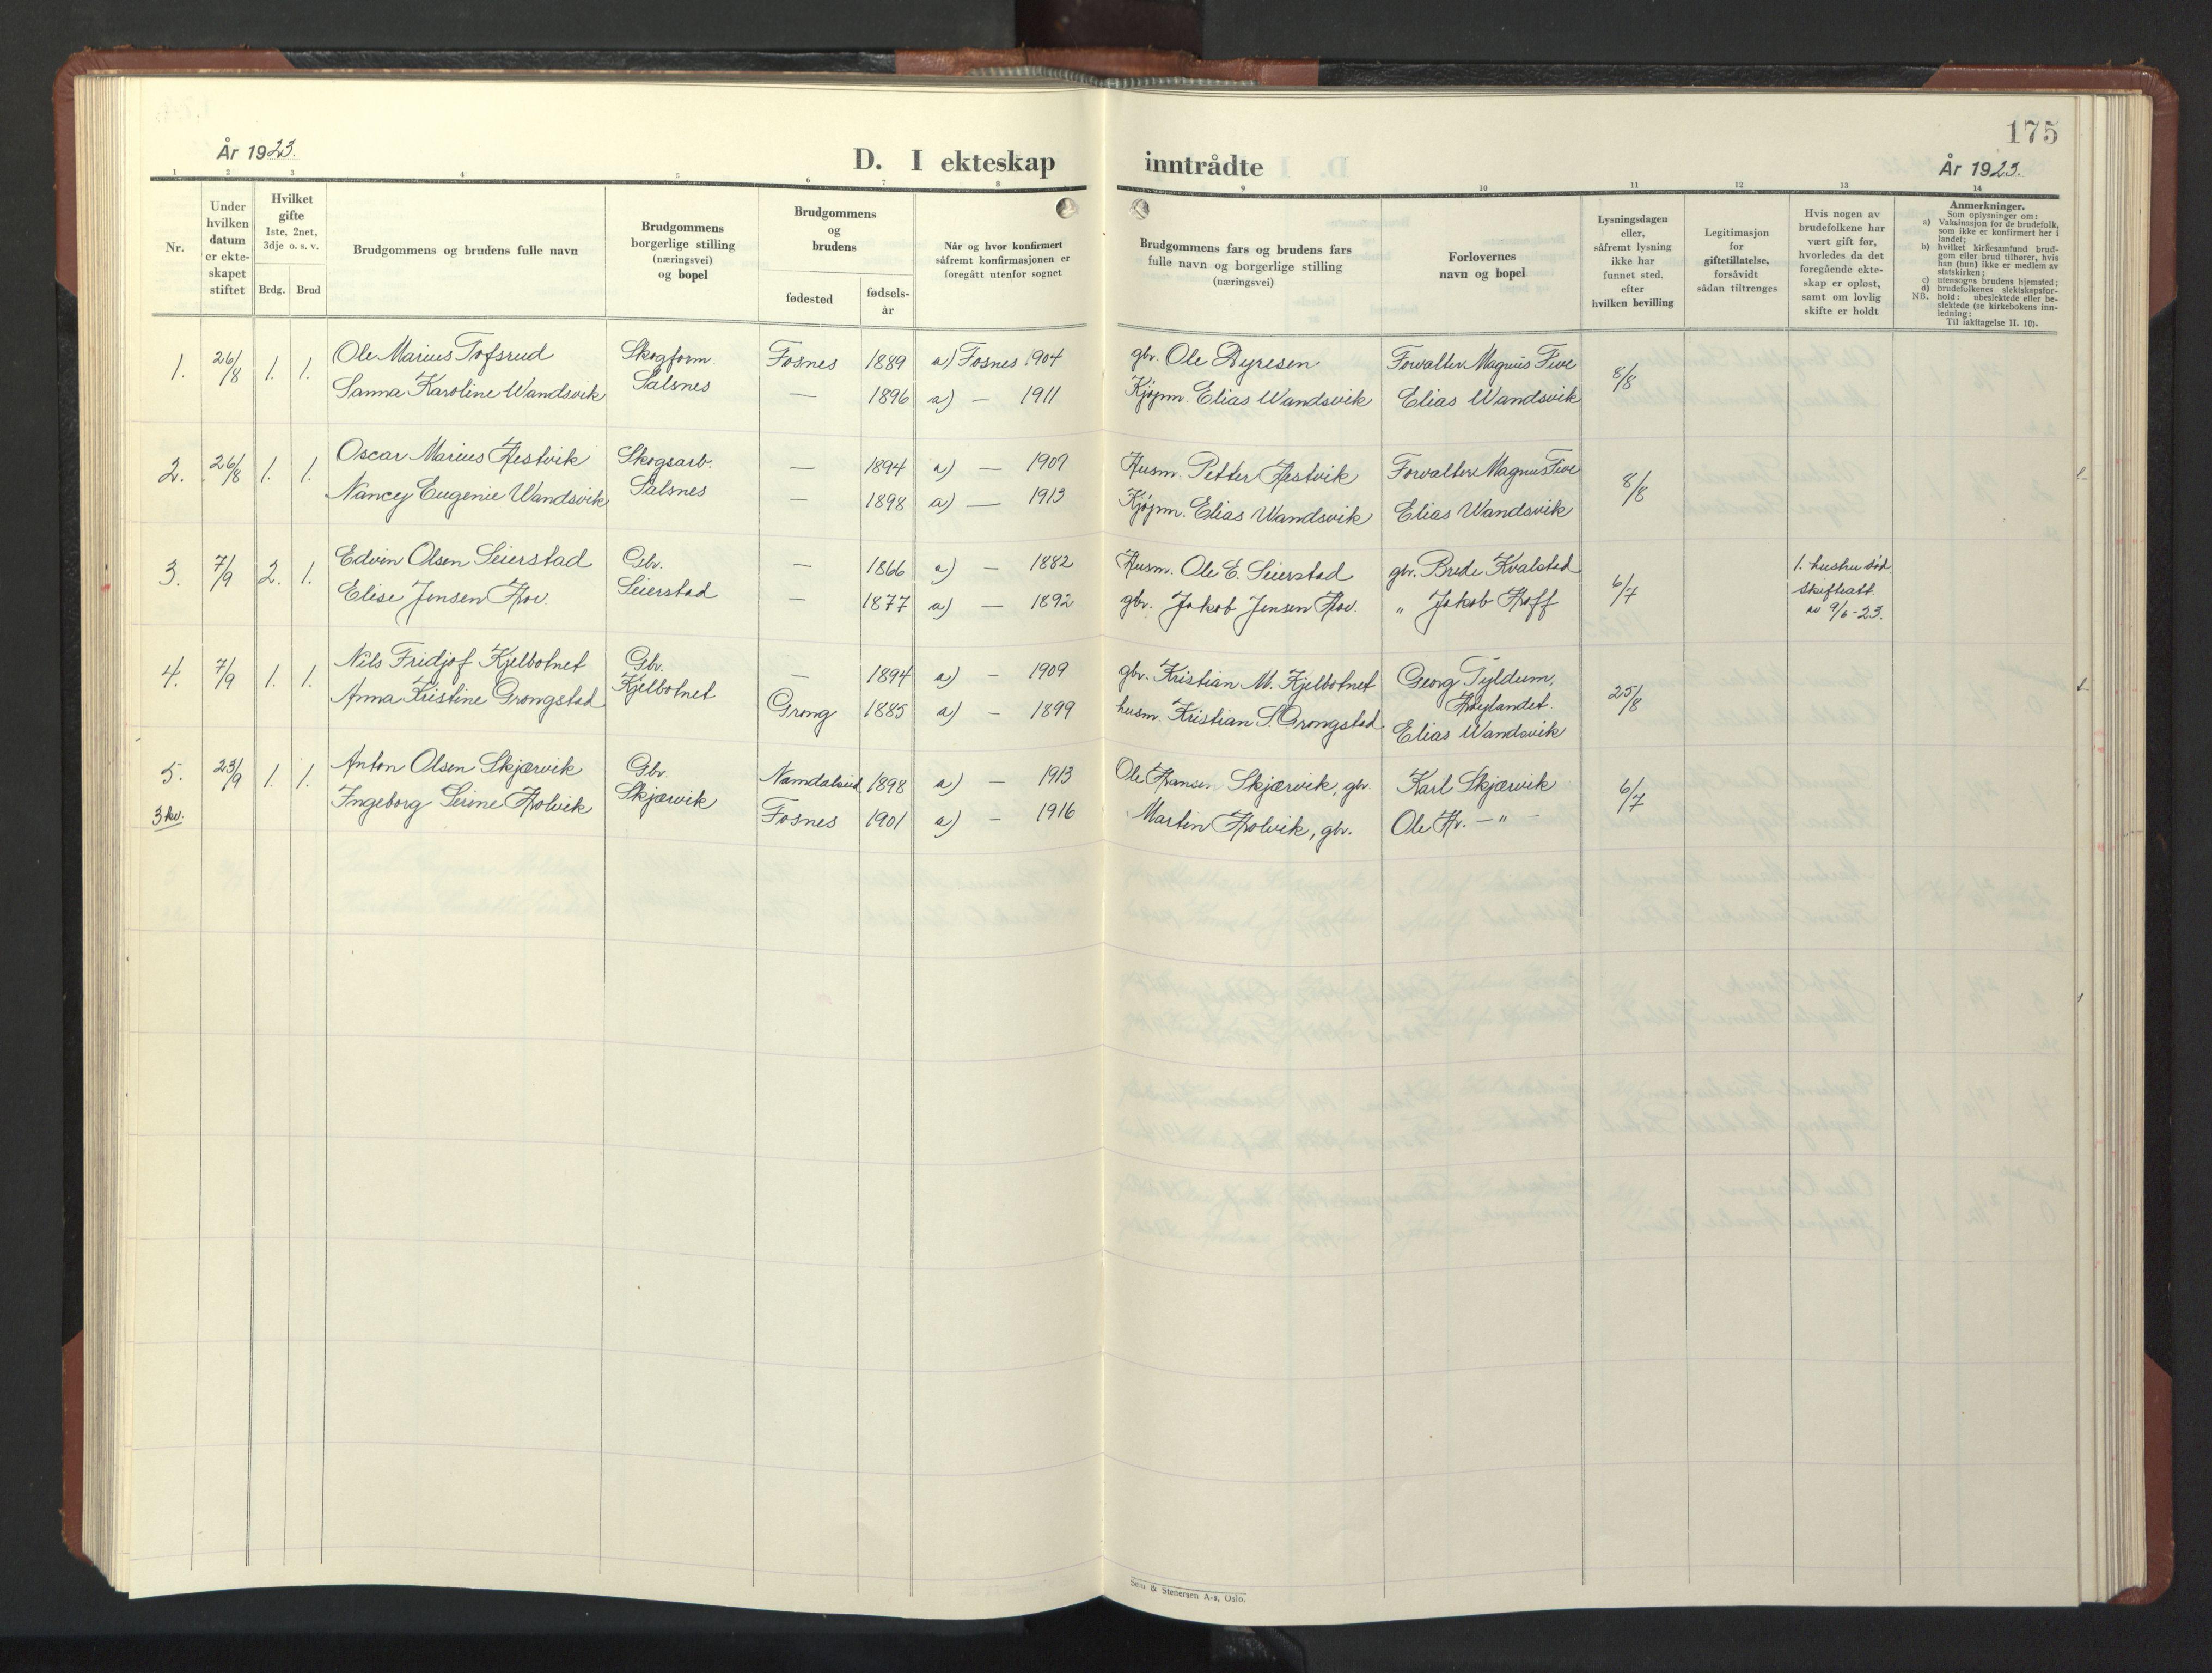 SAT, Ministerialprotokoller, klokkerbøker og fødselsregistre - Nord-Trøndelag, 773/L0625: Klokkerbok nr. 773C01, 1910-1952, s. 175